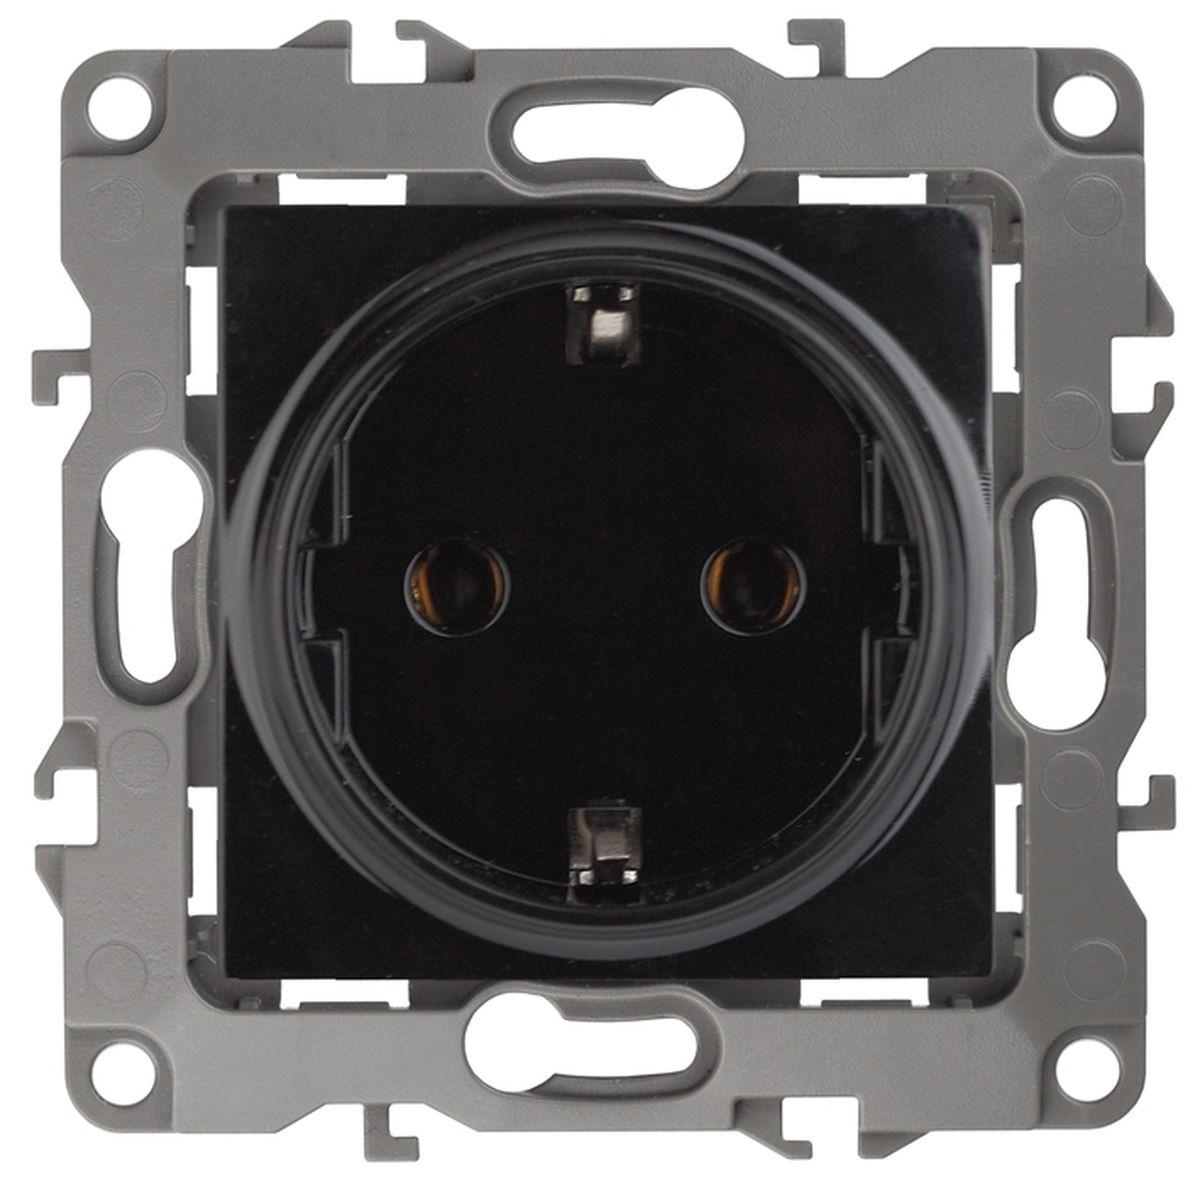 Розетка ЭРА 2P+E Schuko со шторками, 16АХ-250В, Эра12, черный12-2102-06Автоматические зажимы. Такие зажимы кабеля обеспечивают быстрый и надежный монтаж изделия к электросети без отвертки и не требуют обслуживания в отличие от винтовых зажимов.